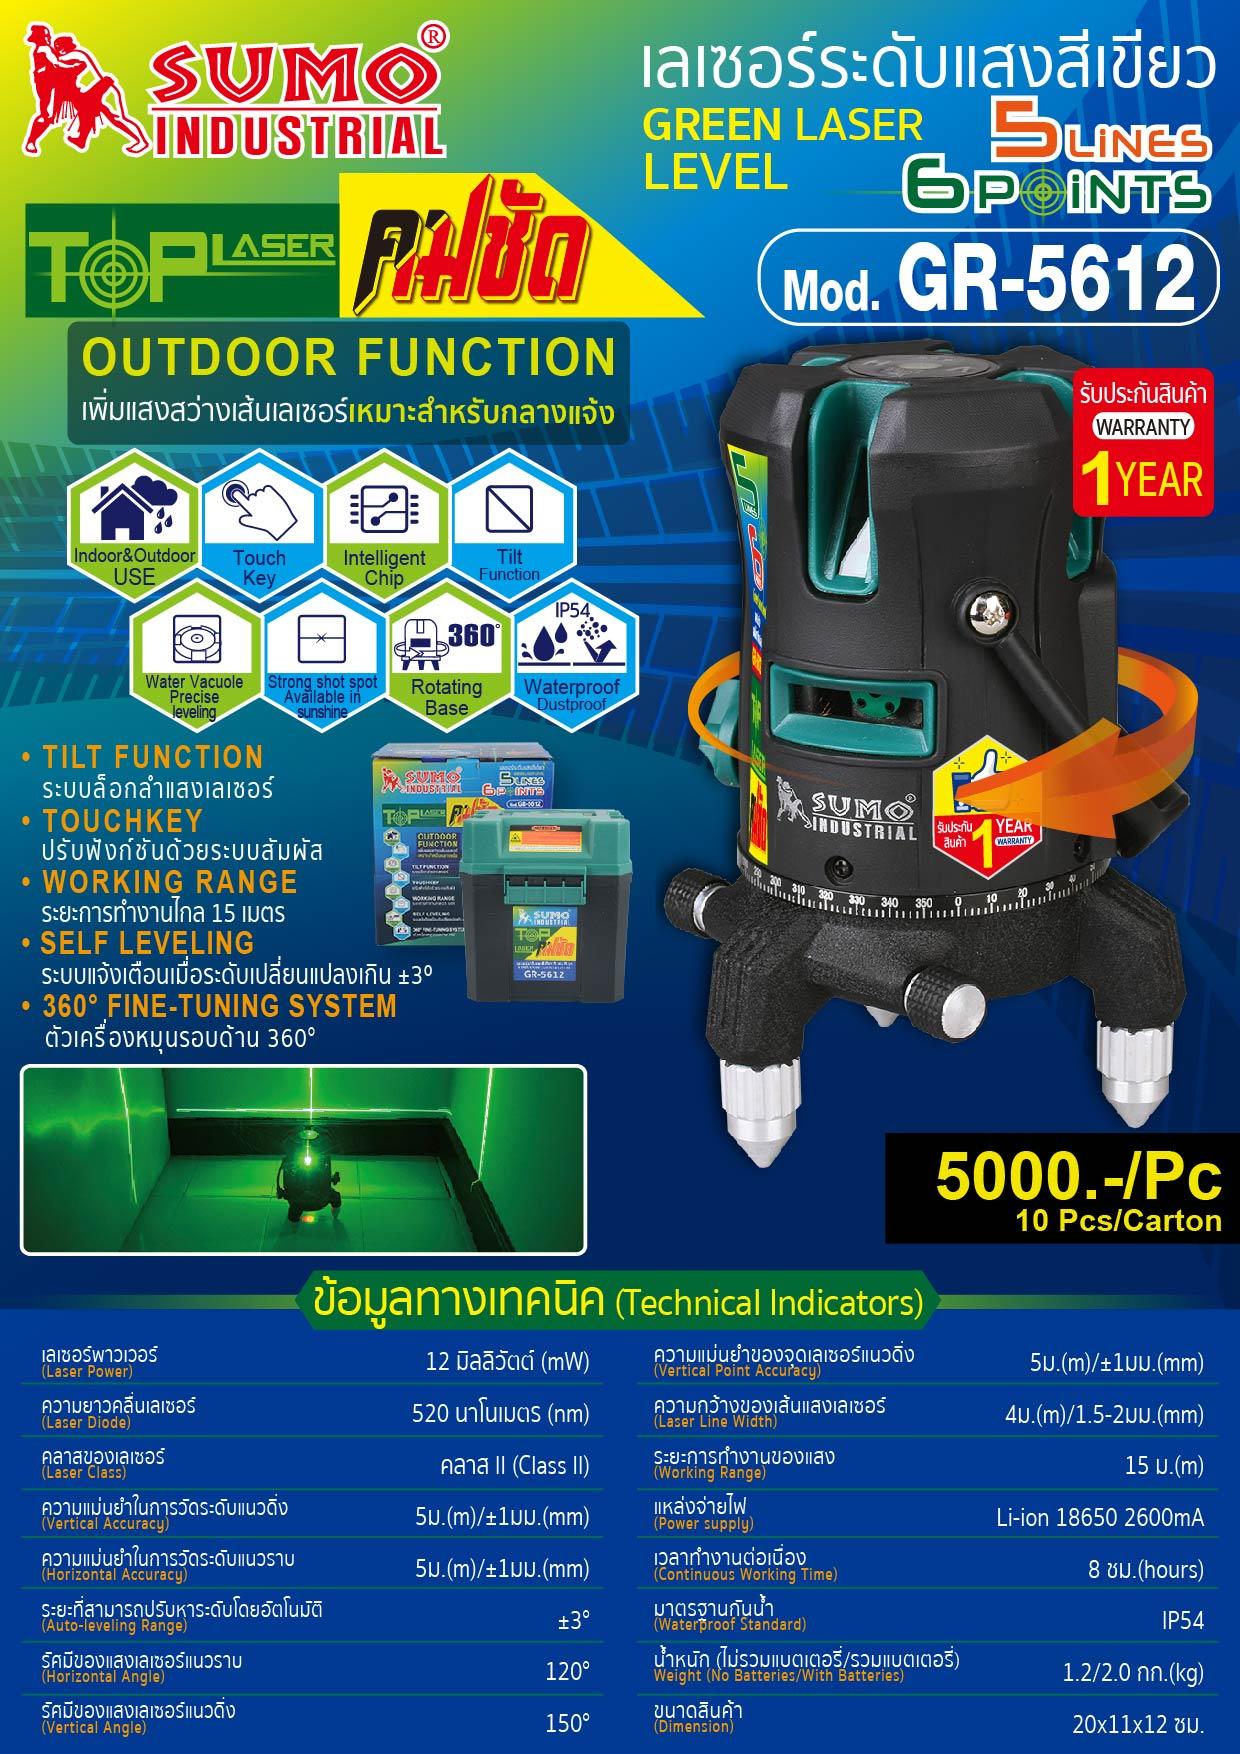 (3/12) เลเซอร์ระดับแสงสีเขียว GR-5612